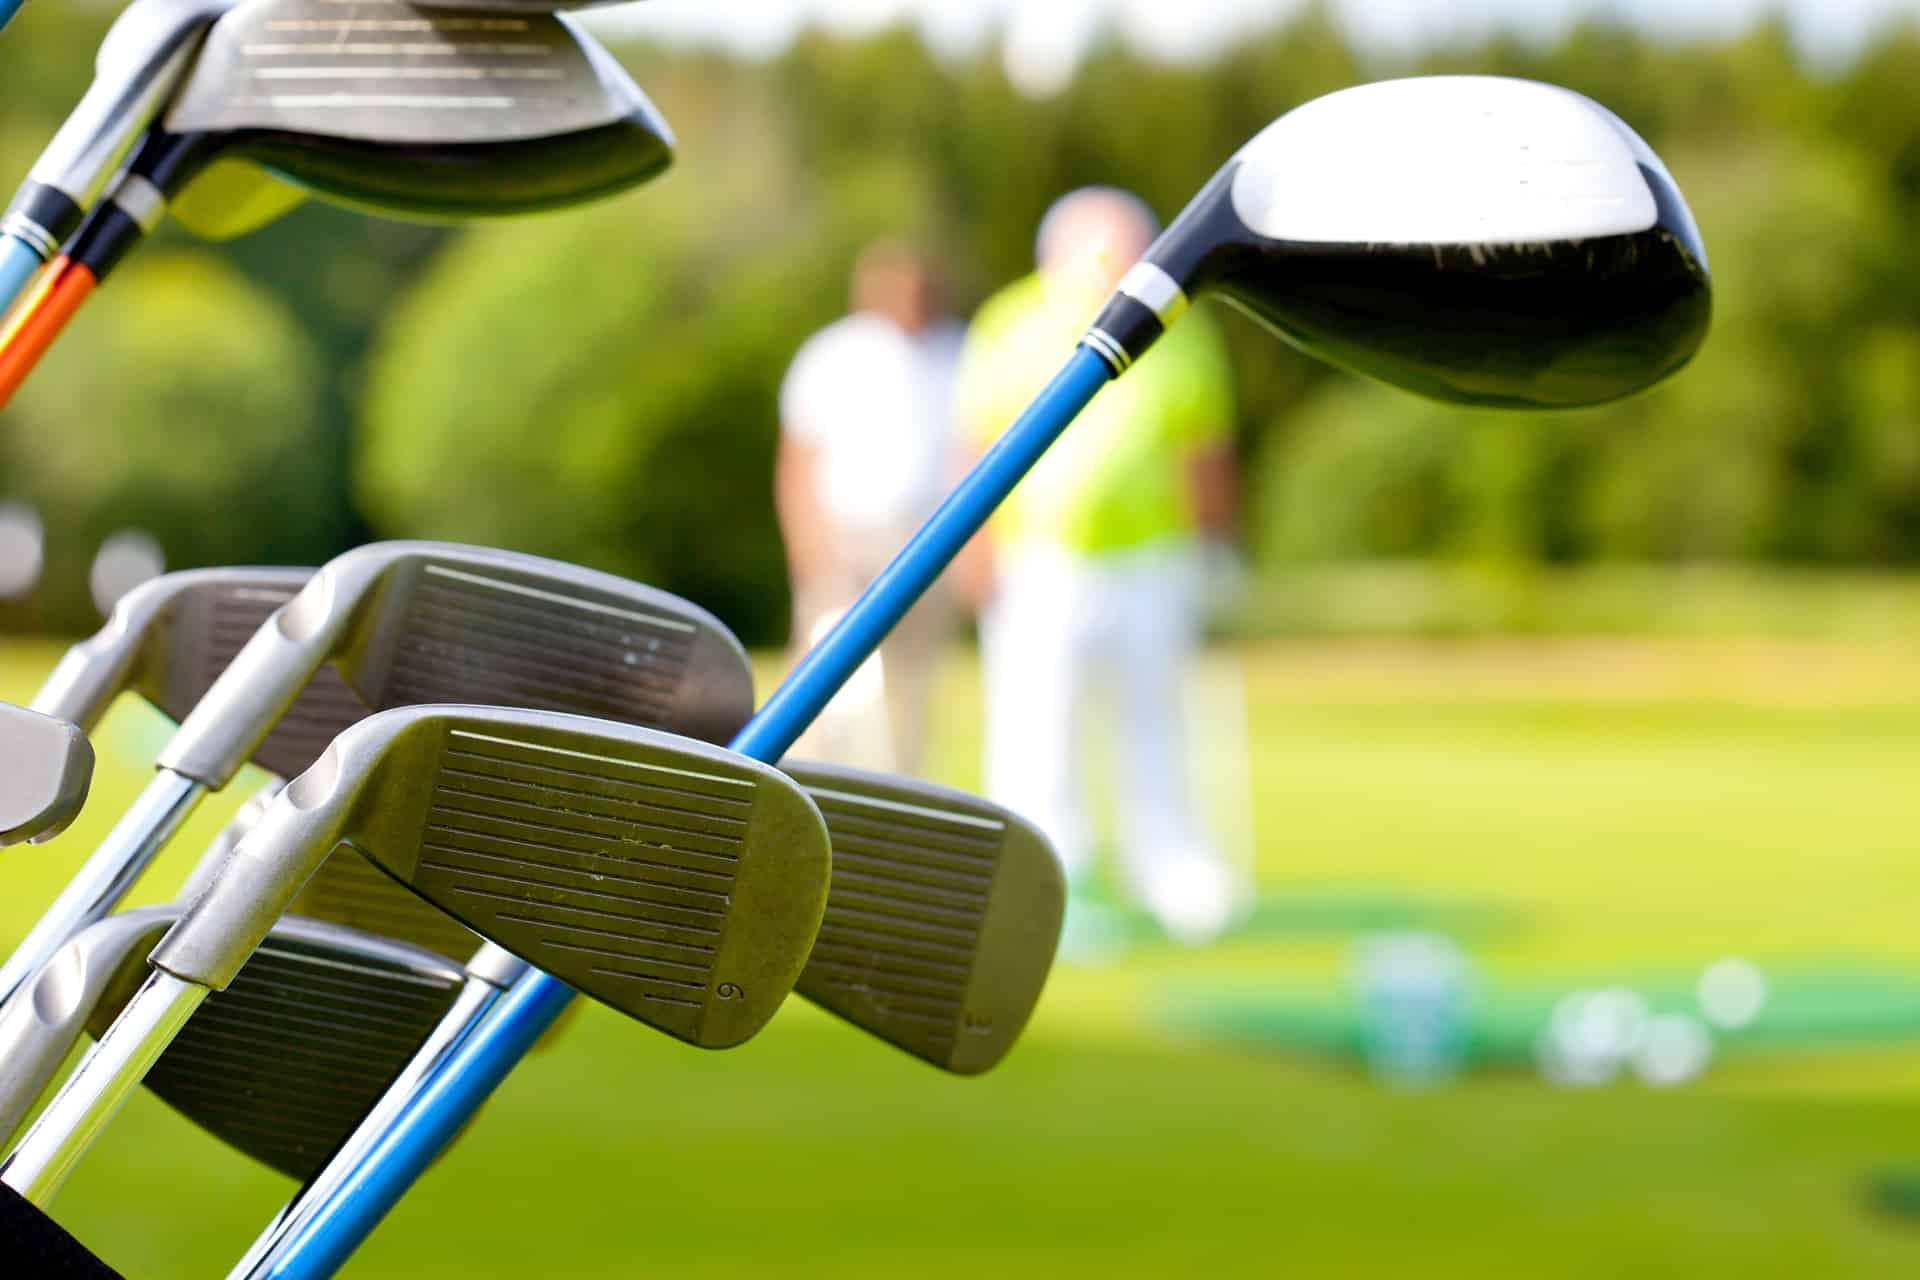 Photo of Новая площадка для мини-гольфа  Новая площадка для мини-гольфа drivingrangeclubs shutterstock 205815859 1920